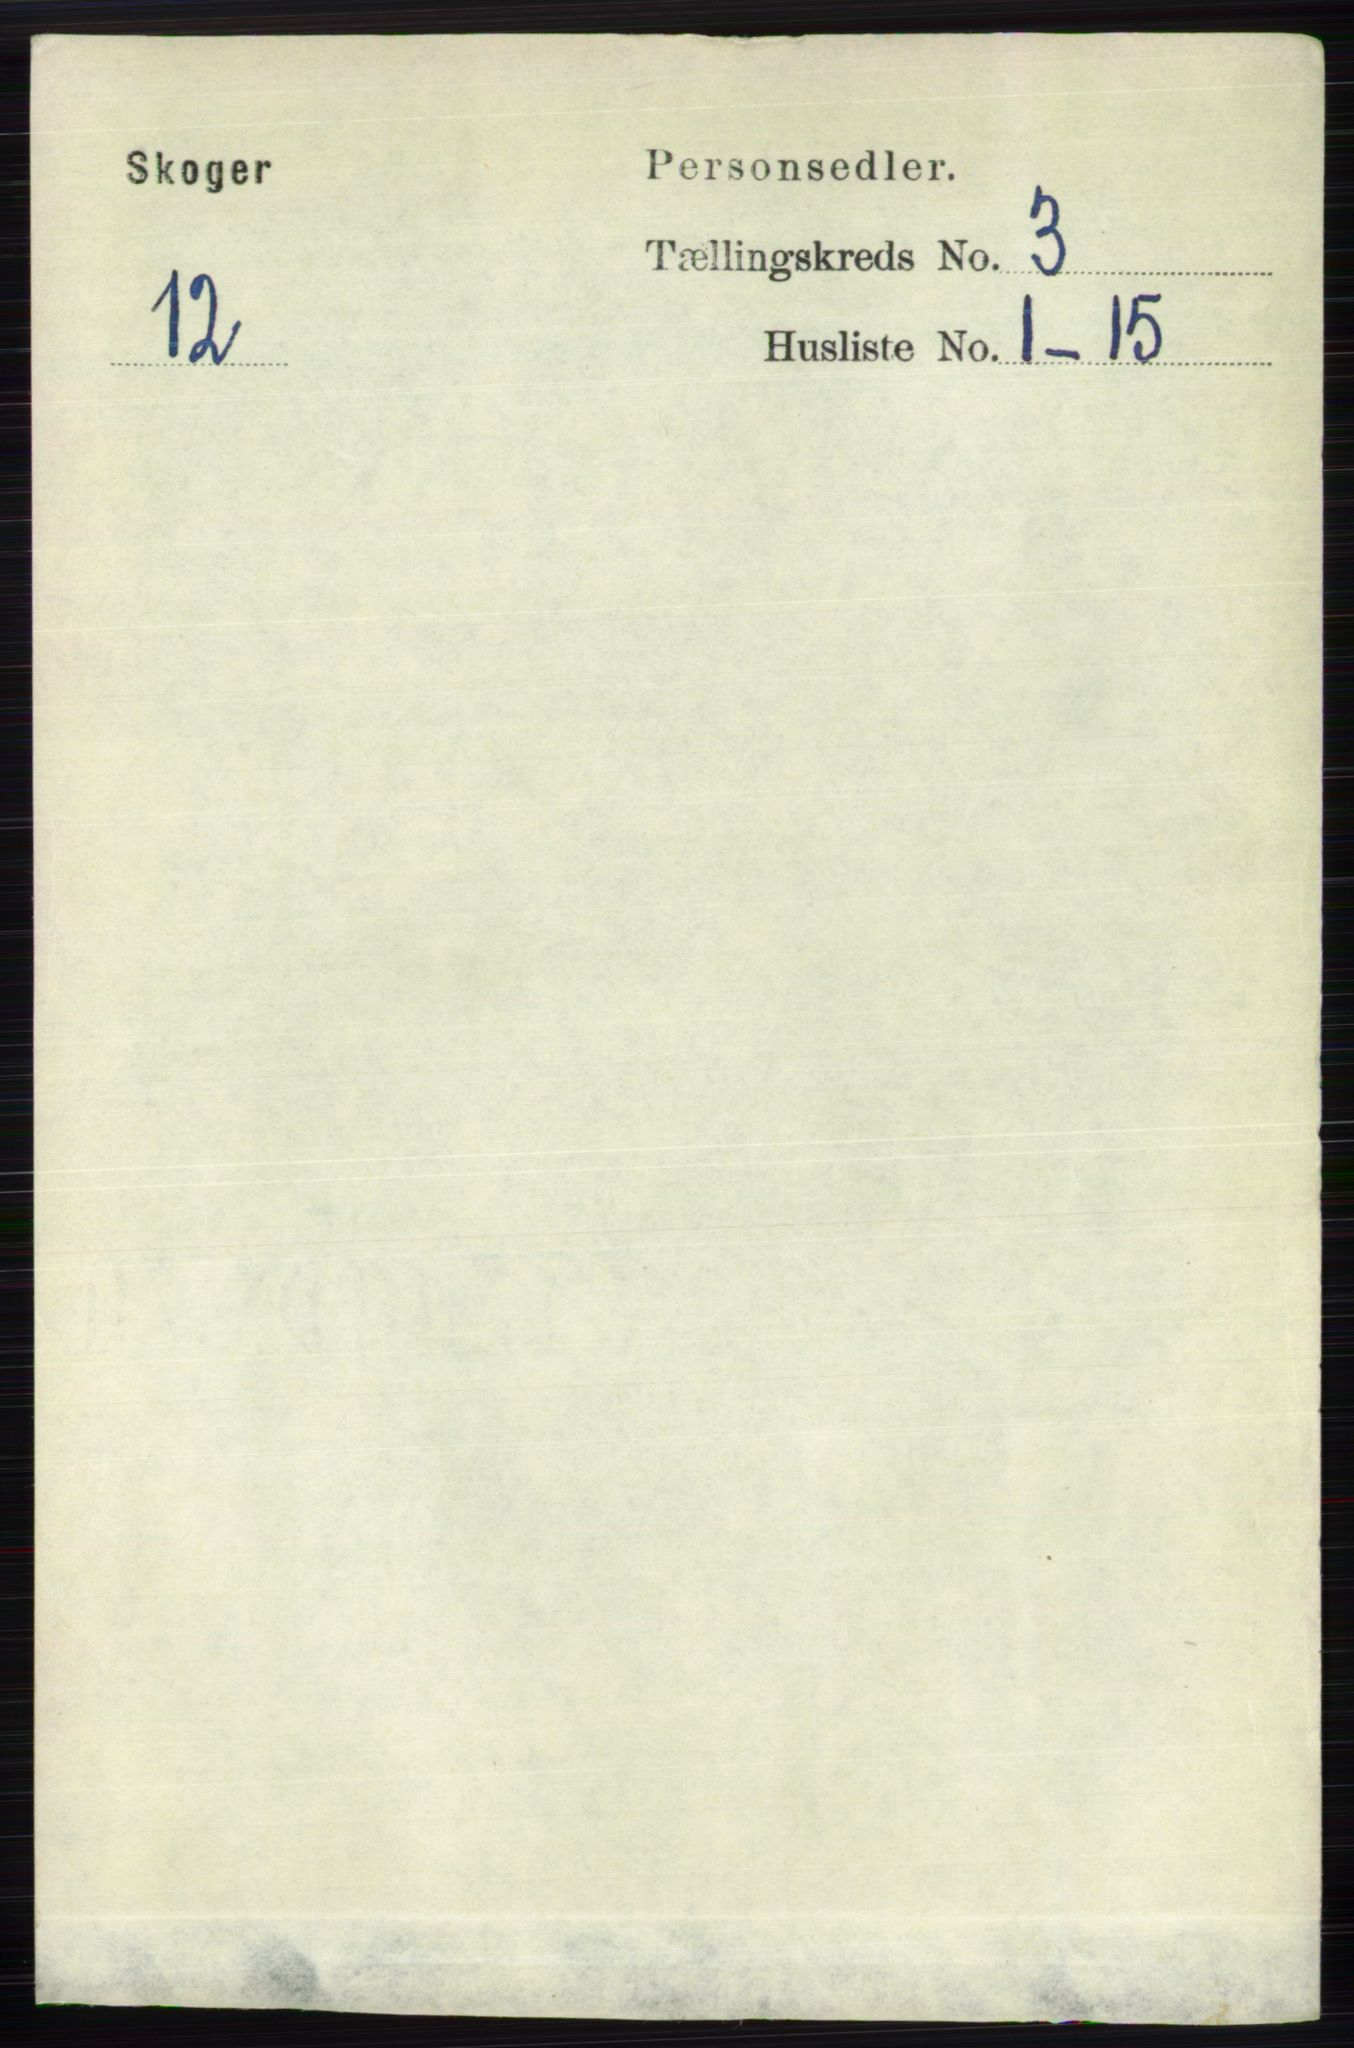 RA, Folketelling 1891 for 0712 Skoger herred, 1891, s. 1558